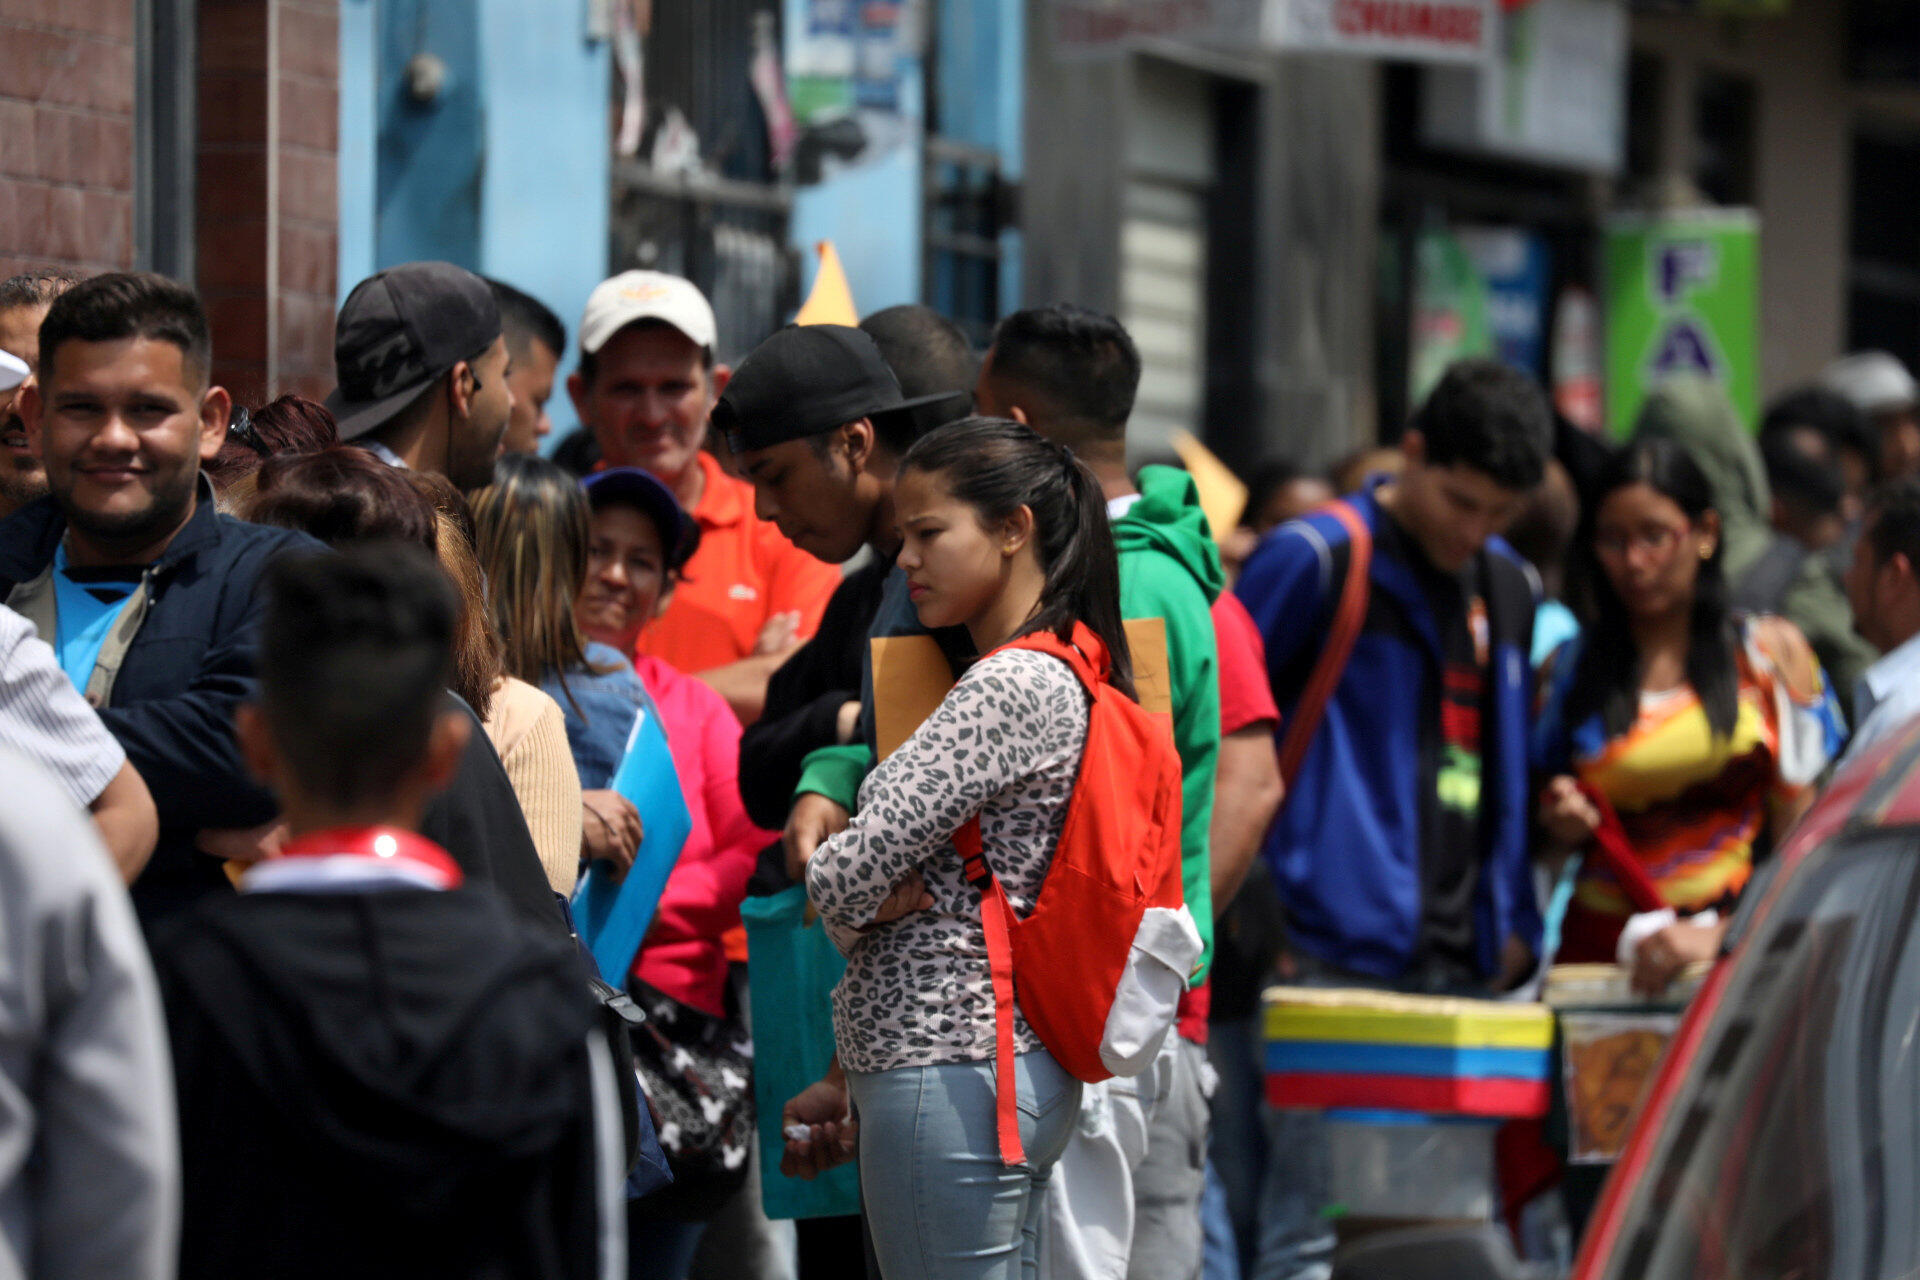 Venezolanos hacen cola para obtener permiso de residencia temporal en Lima. Octubre de 2018. Archivo.